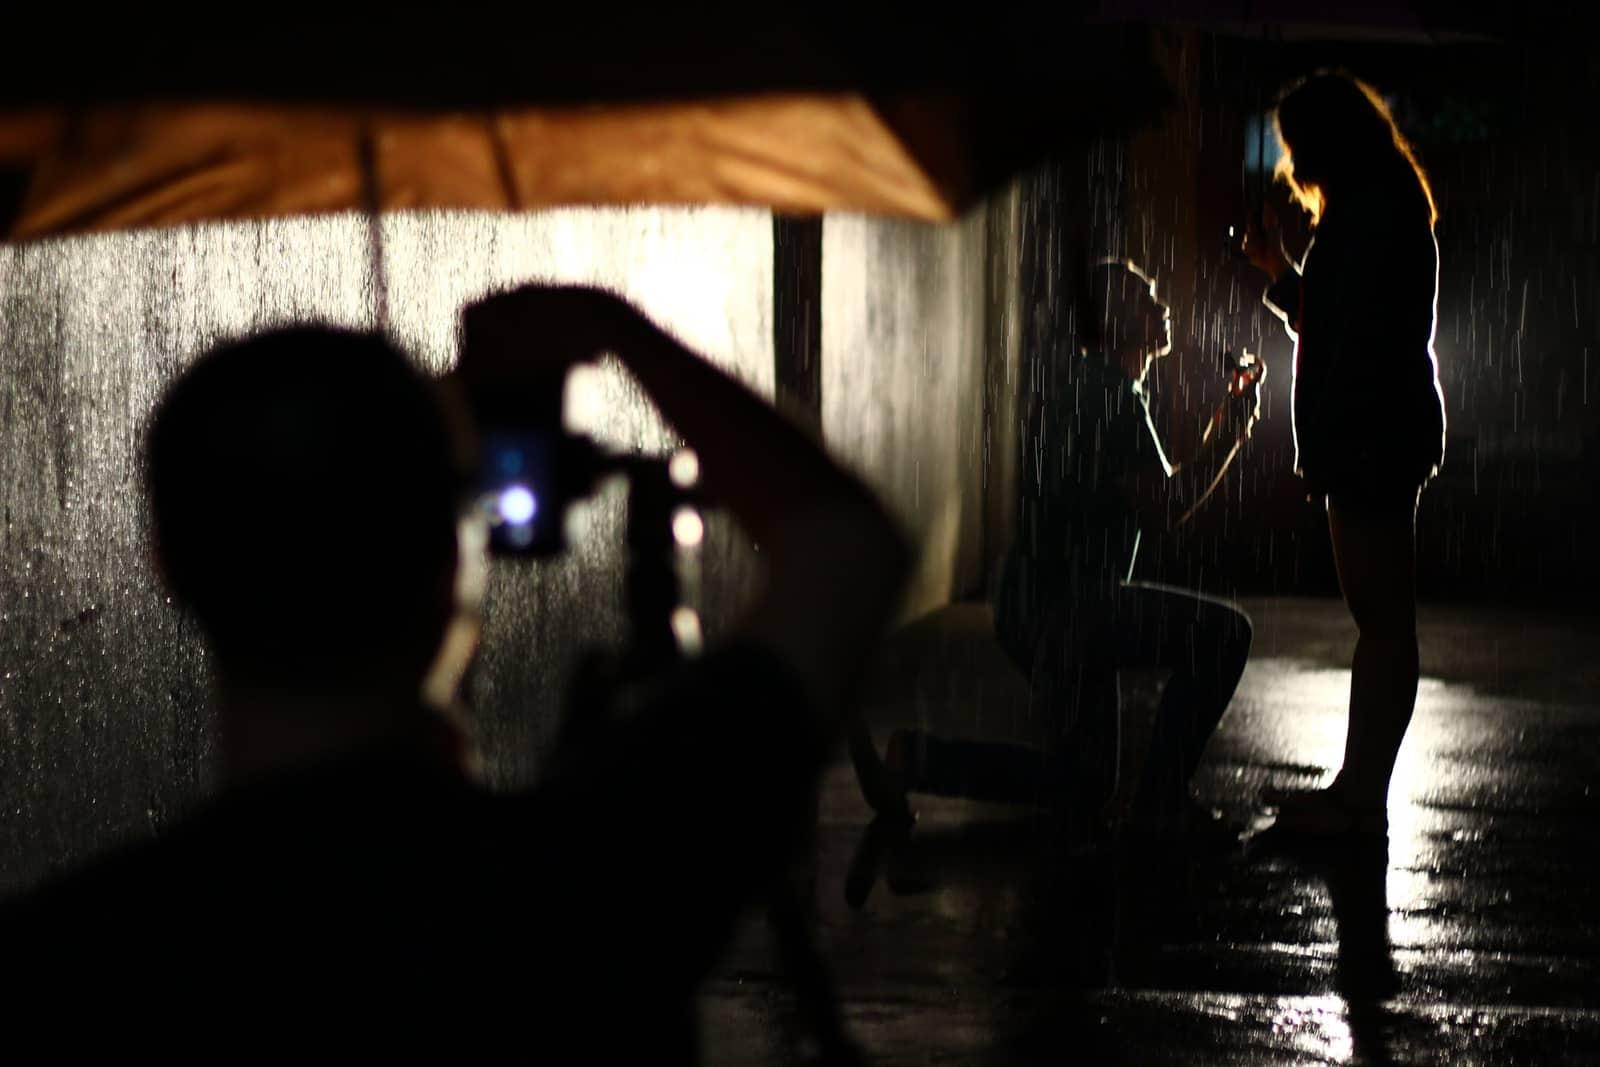 Ein Mann macht ein Foto von einem Paar, das während eines Vorschlags unter Regenschirm auf dem Regen steht